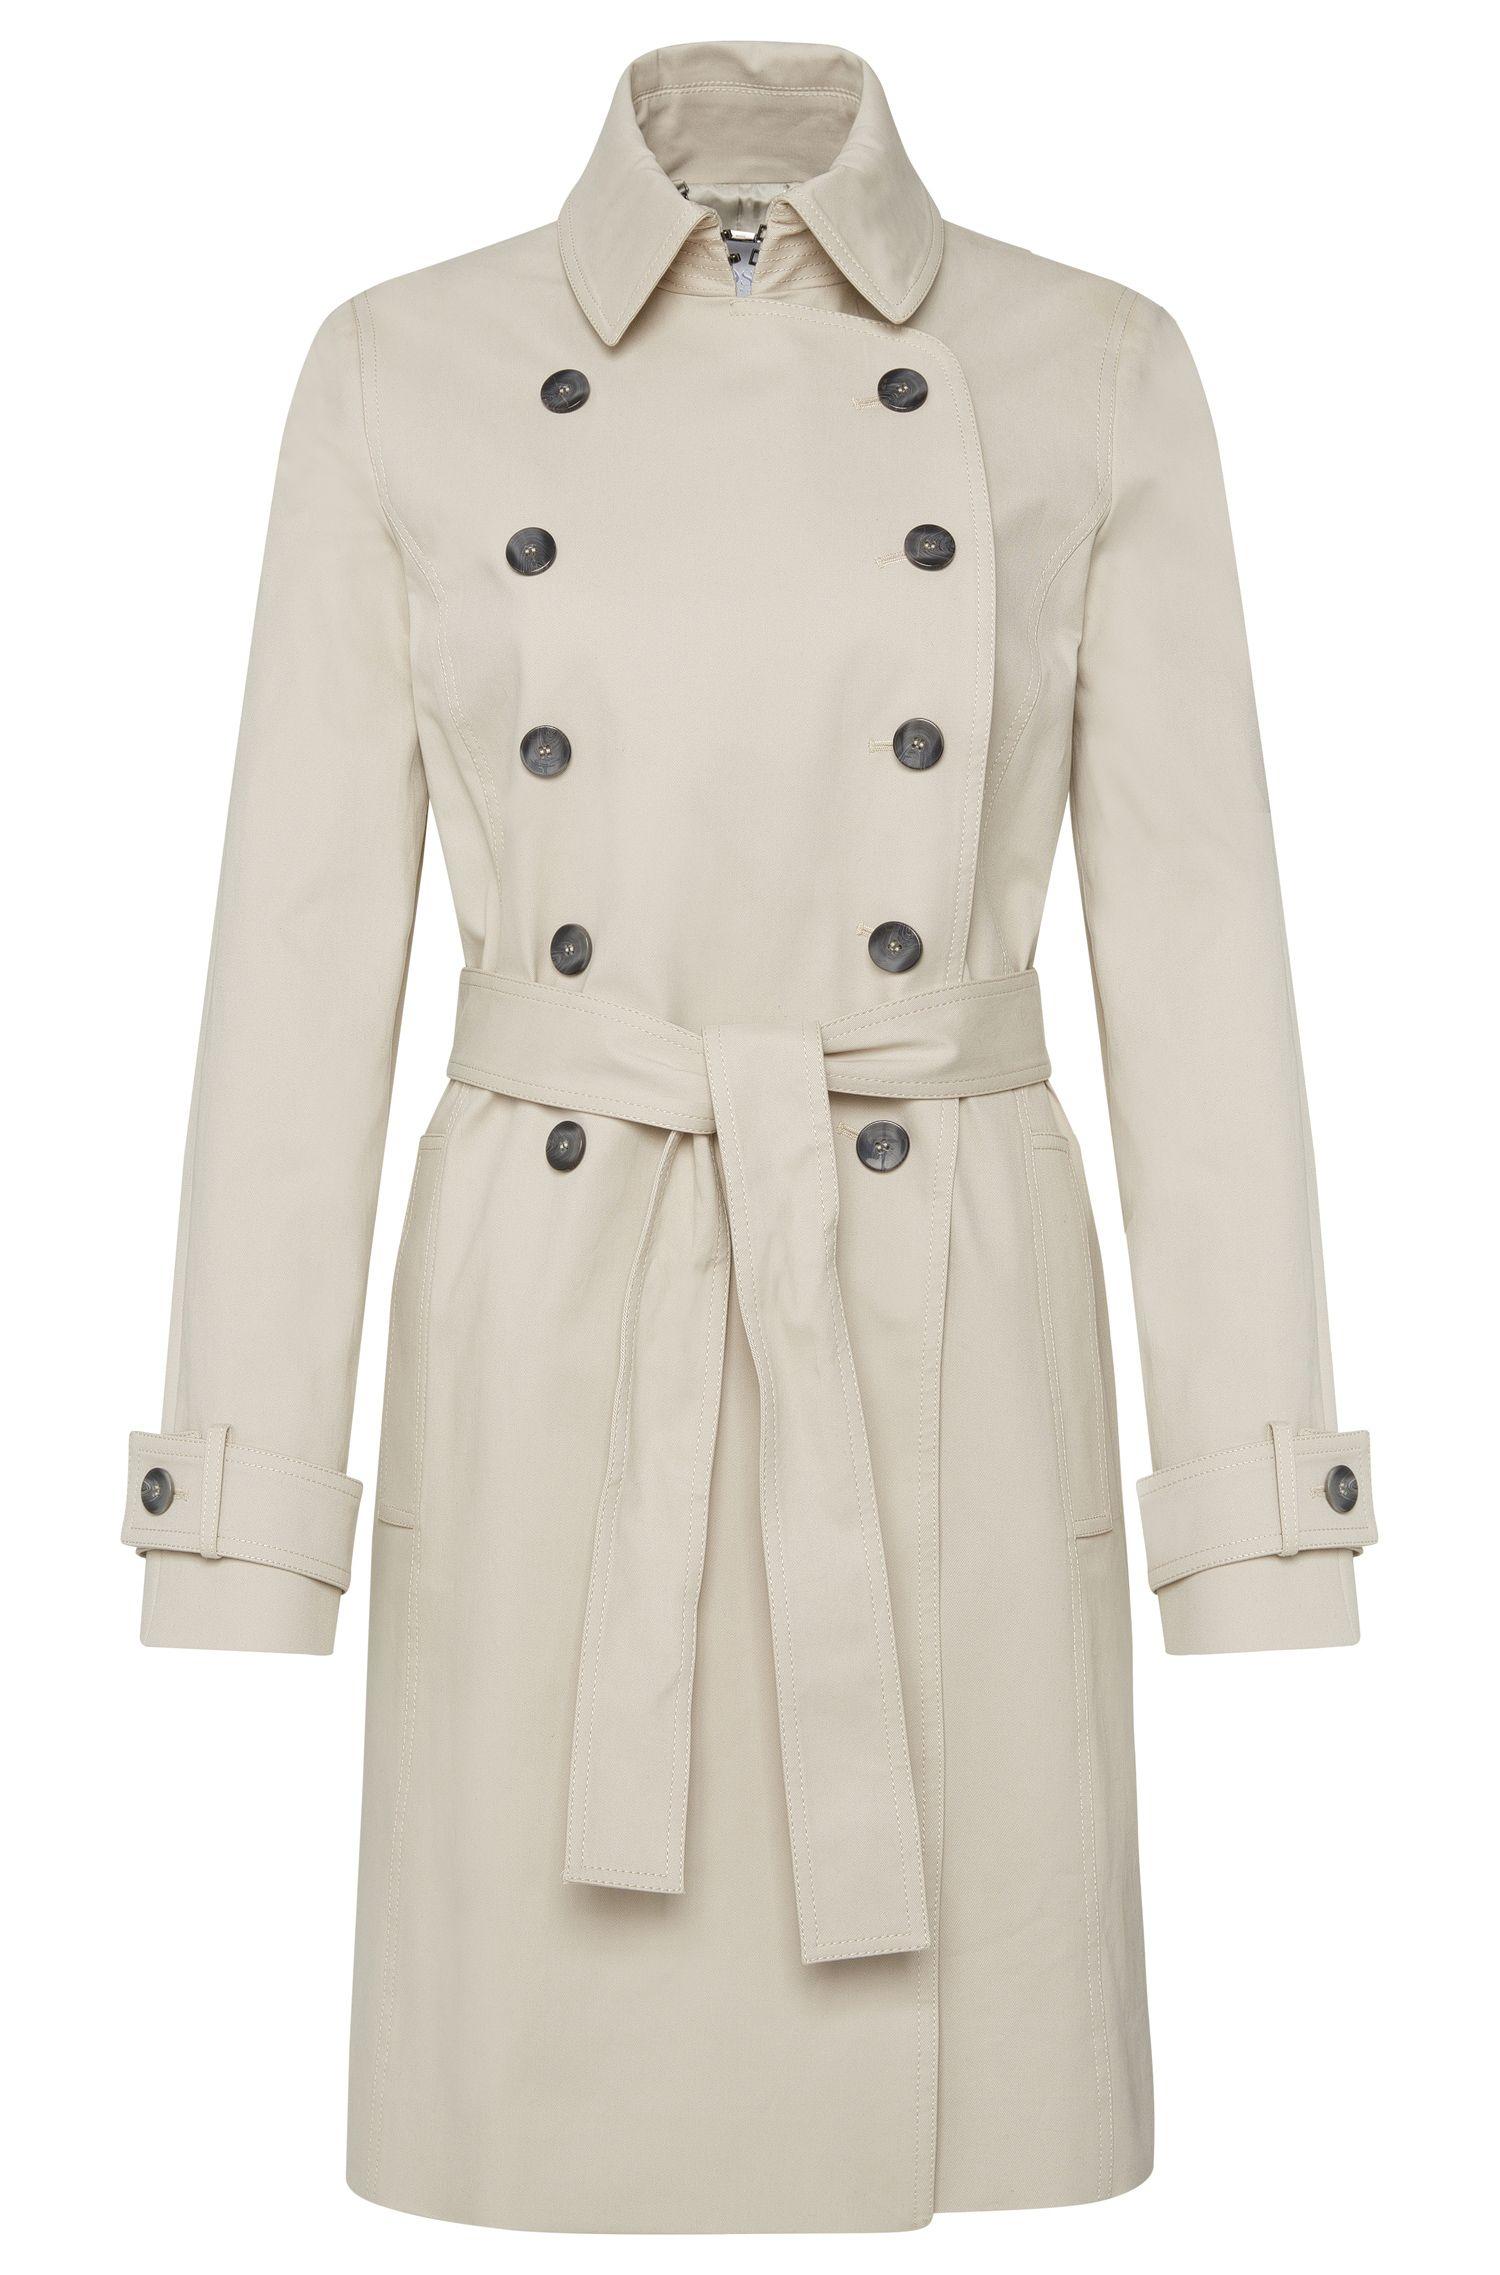 Mantel aus Stretch-Baumwolle mit doppelreihiger Knopfleiste: 'Cirala'